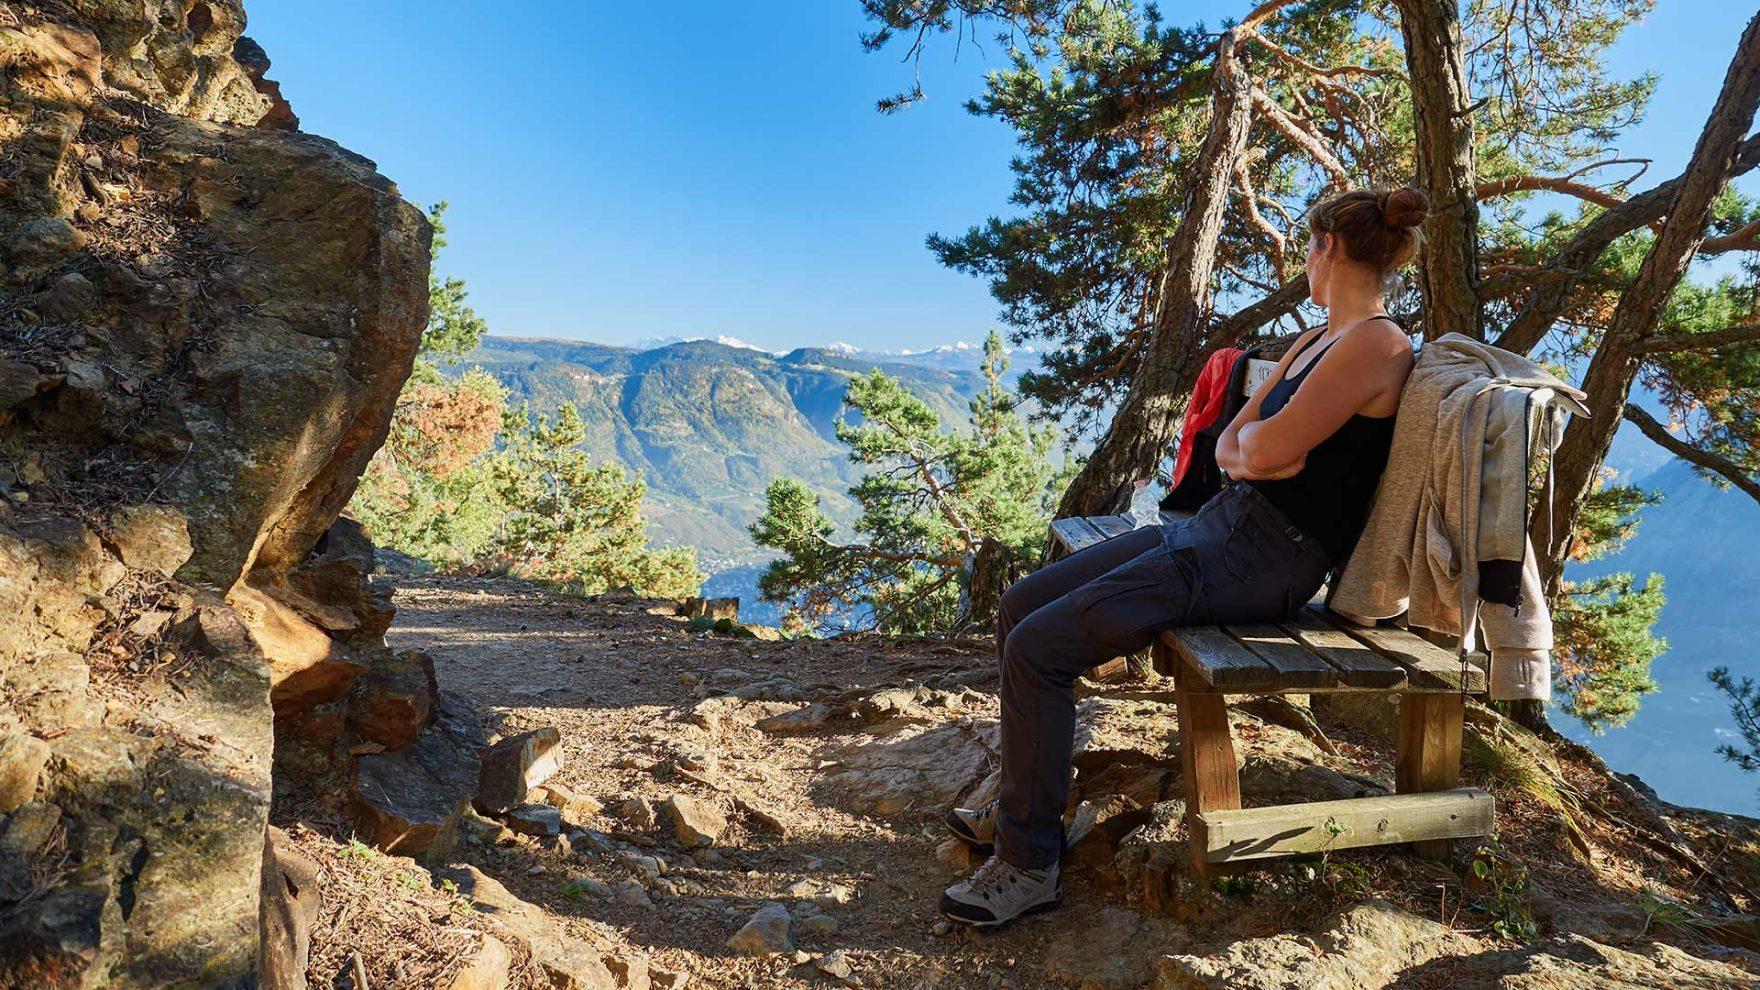 Primavera a Merano e dintorni - Vacanze escursionistiche